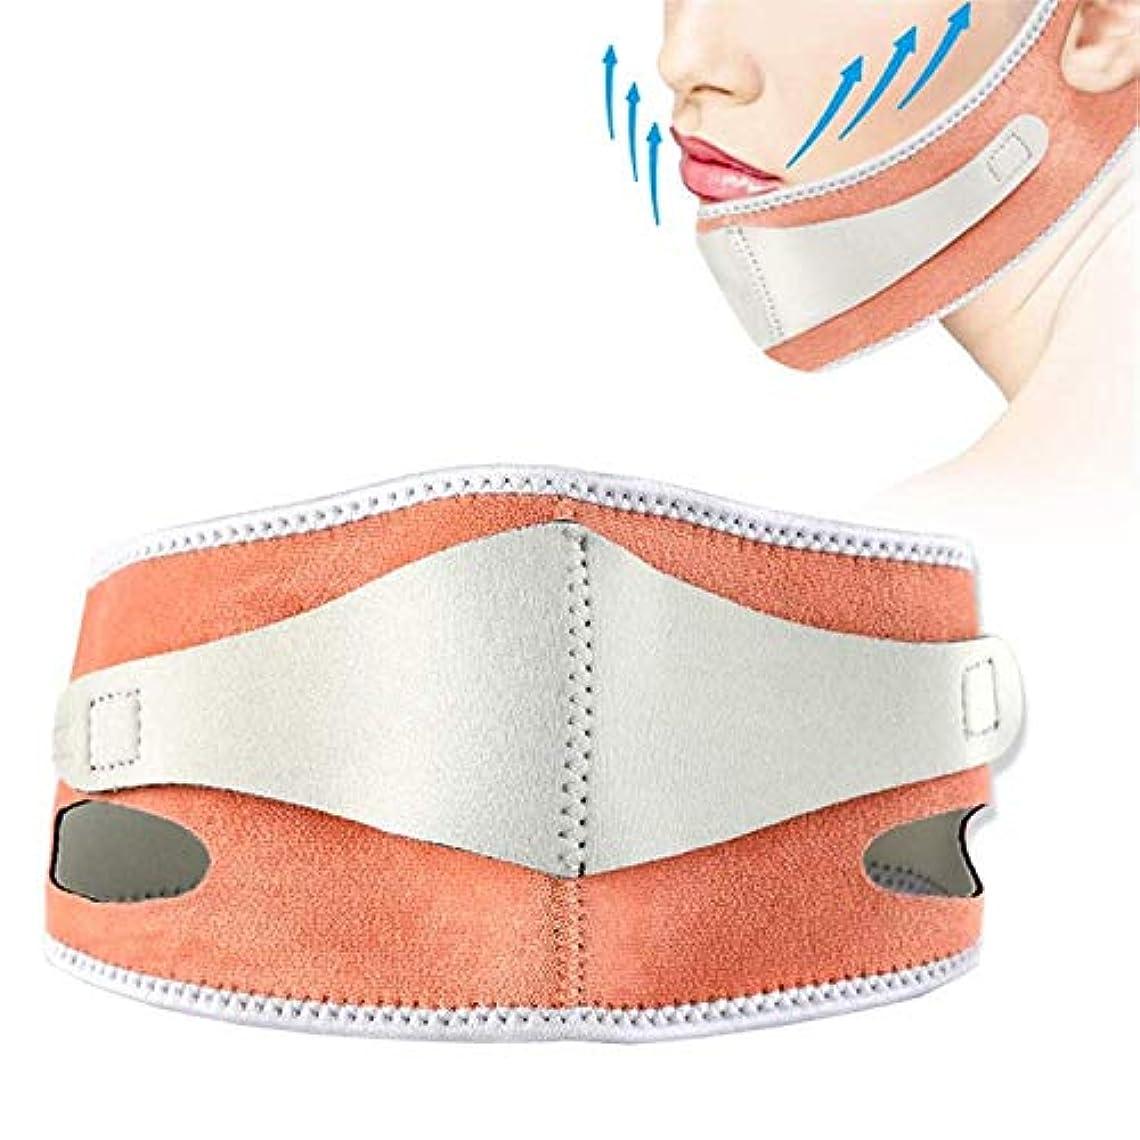 警告アンデス山脈に対応フェイシャルスリミングベルト、Vフェイスシェイピングベルト、頬補強ベルト、美容弾性スリーブ薄い顔術後回復包帯、減量包帯を削除するには二重あご、フェイスリフト減量睡眠マスク包帯